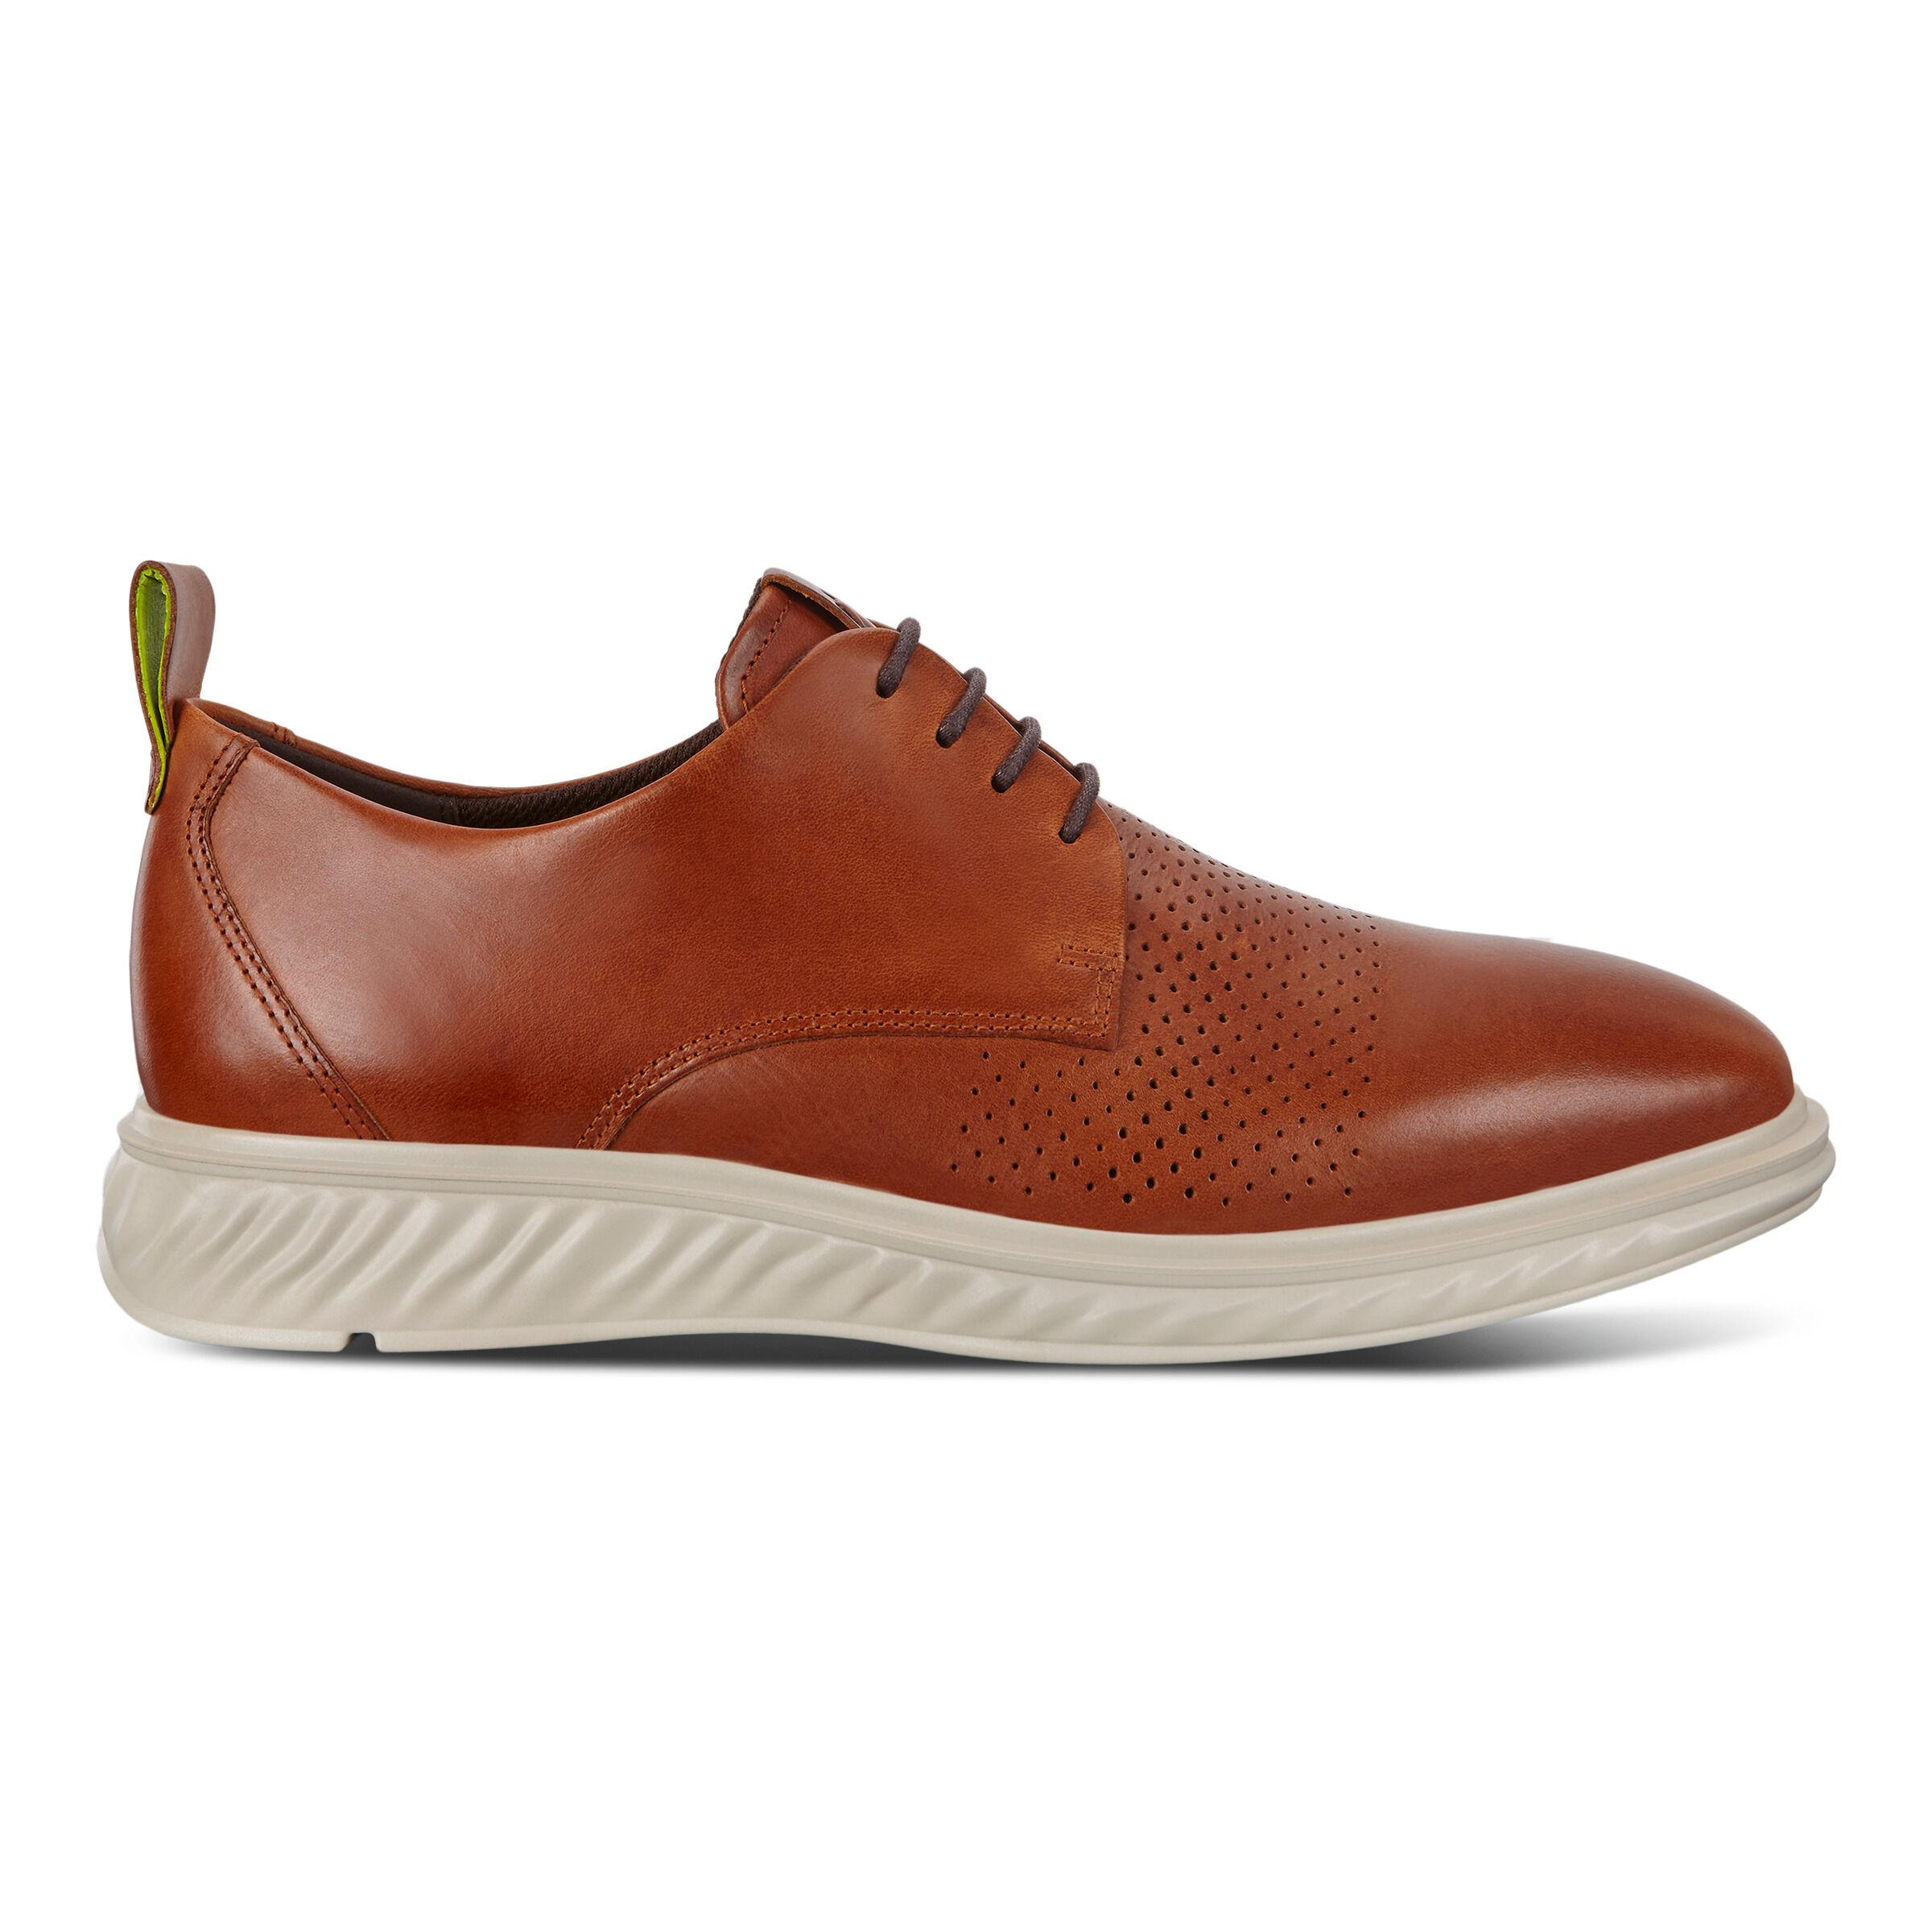 에코 St. 1 하이브리드 라이트 슈즈 ECCO ST.1 Hybrid Lite Plain-Toe Derby Shoes,amber